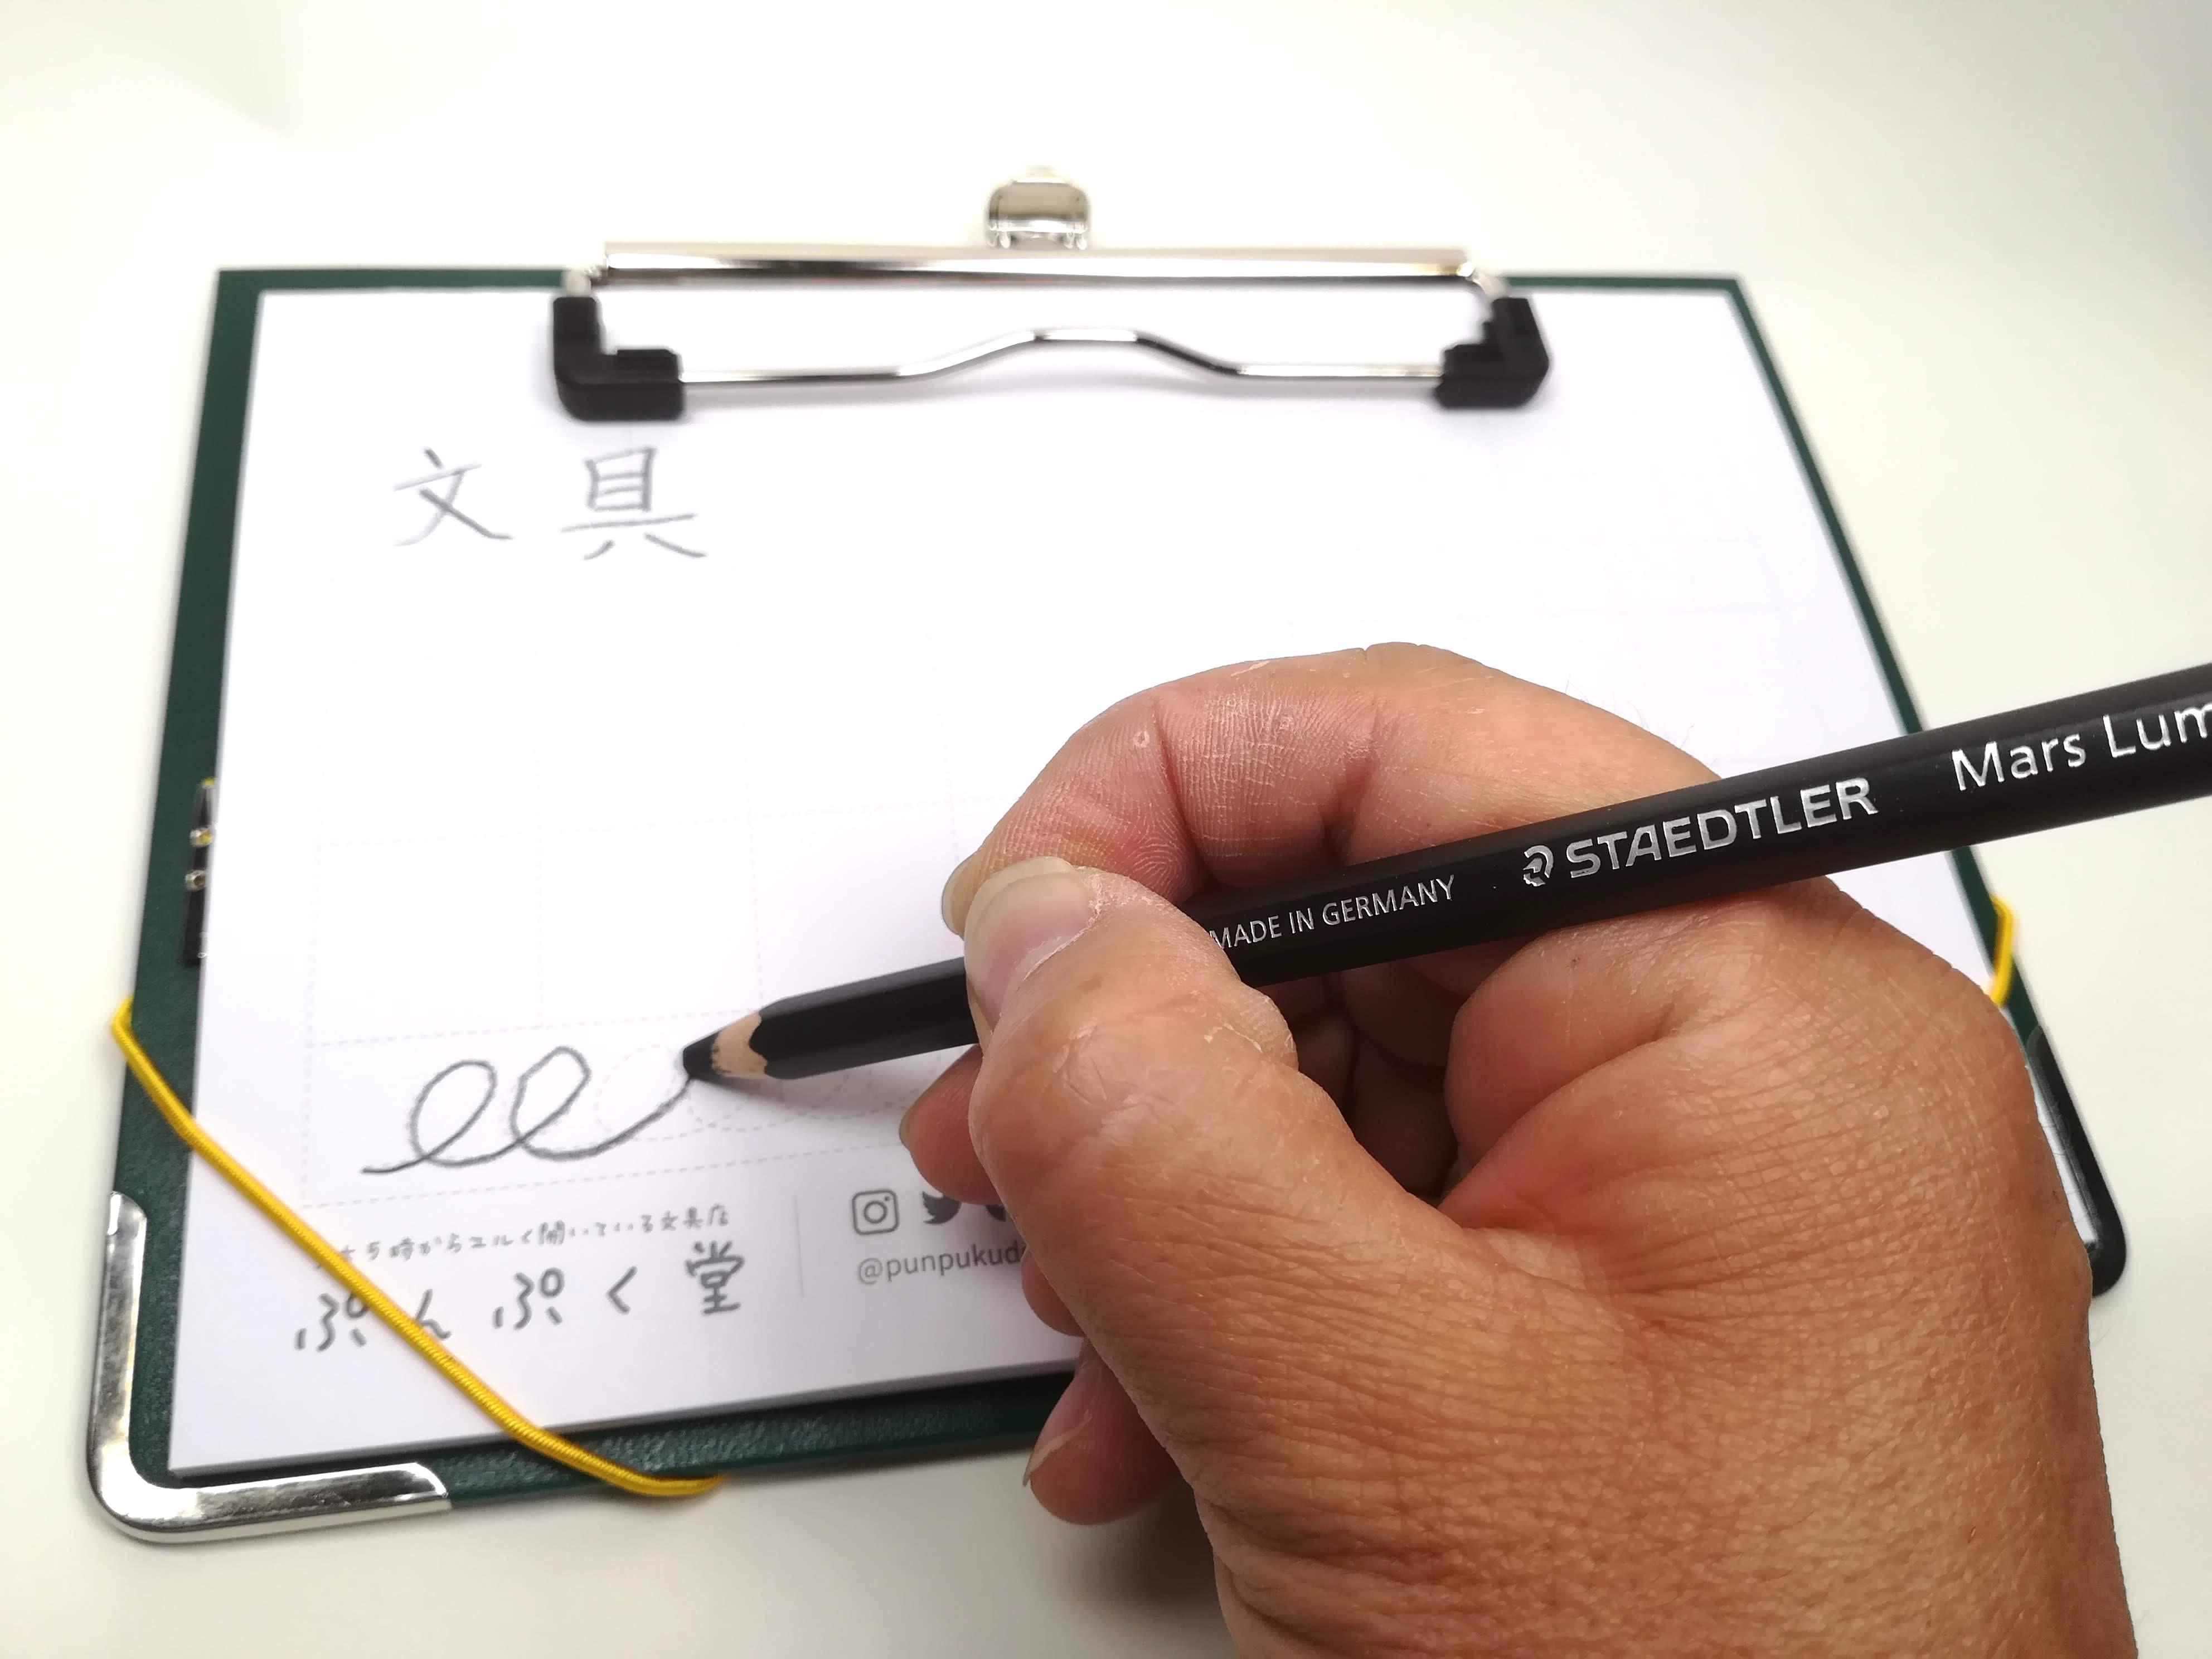 販売の鉛筆全て試し書きが可能に。